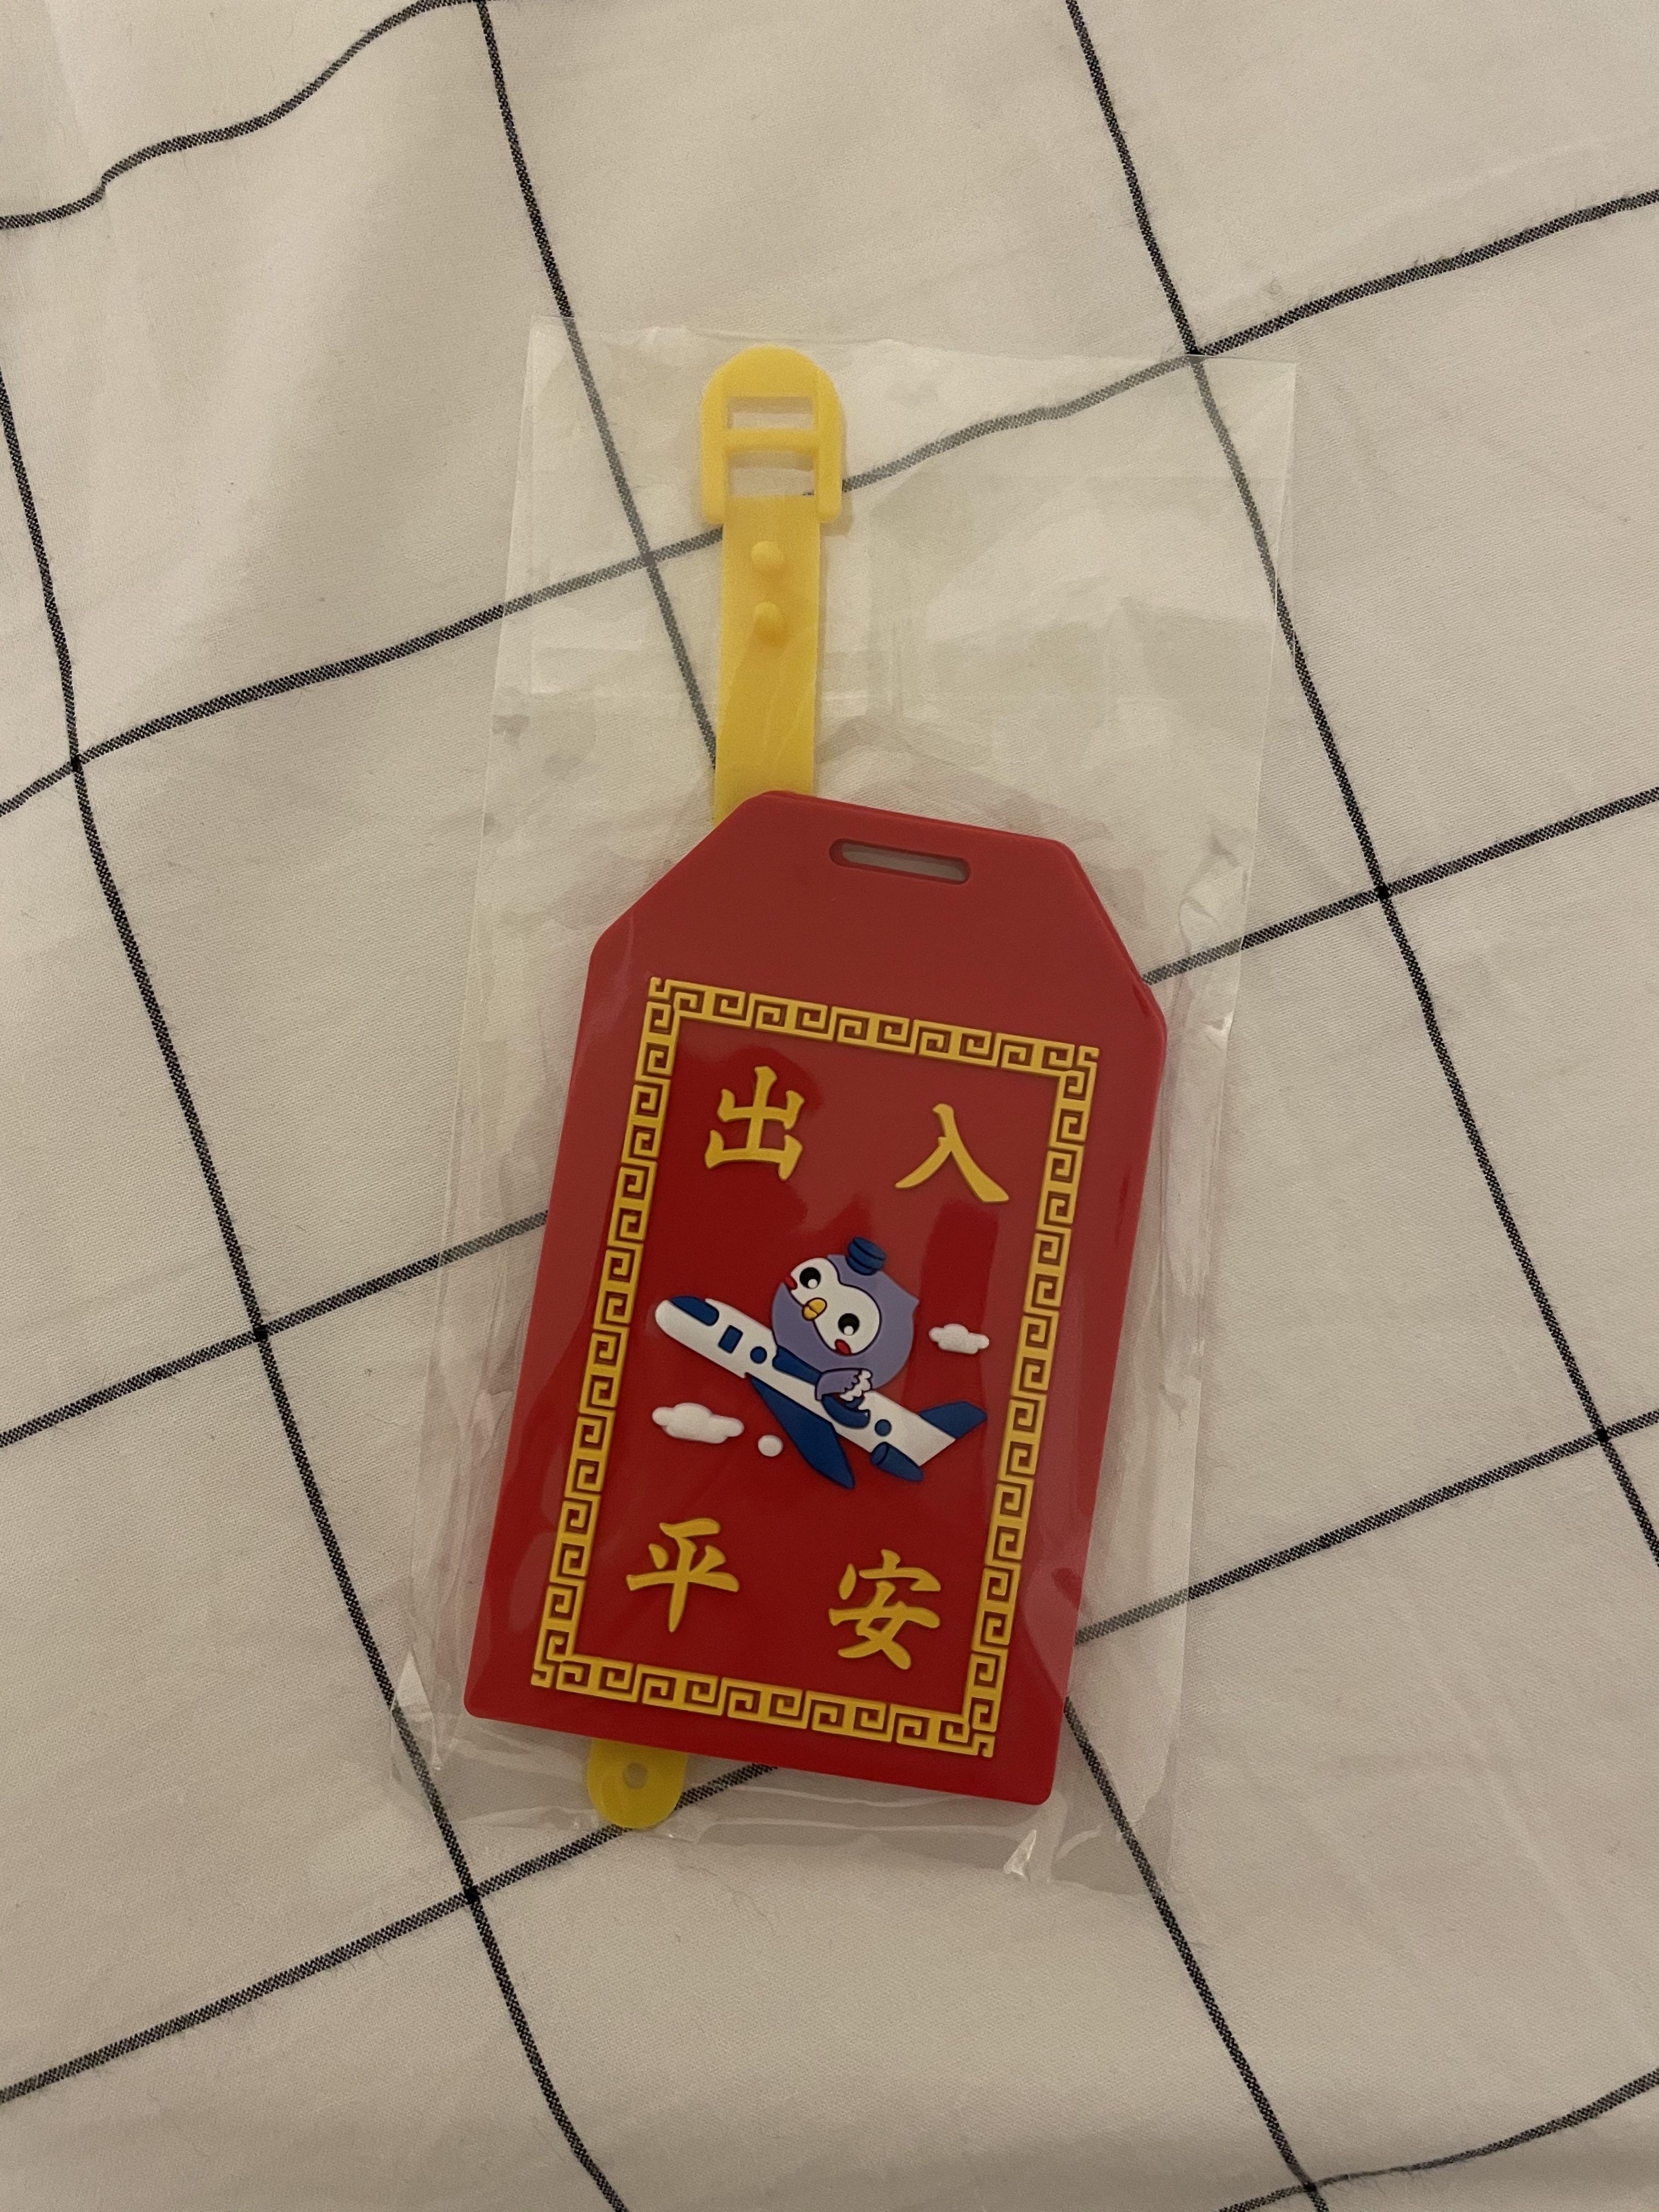 外交部行李平安吊牌